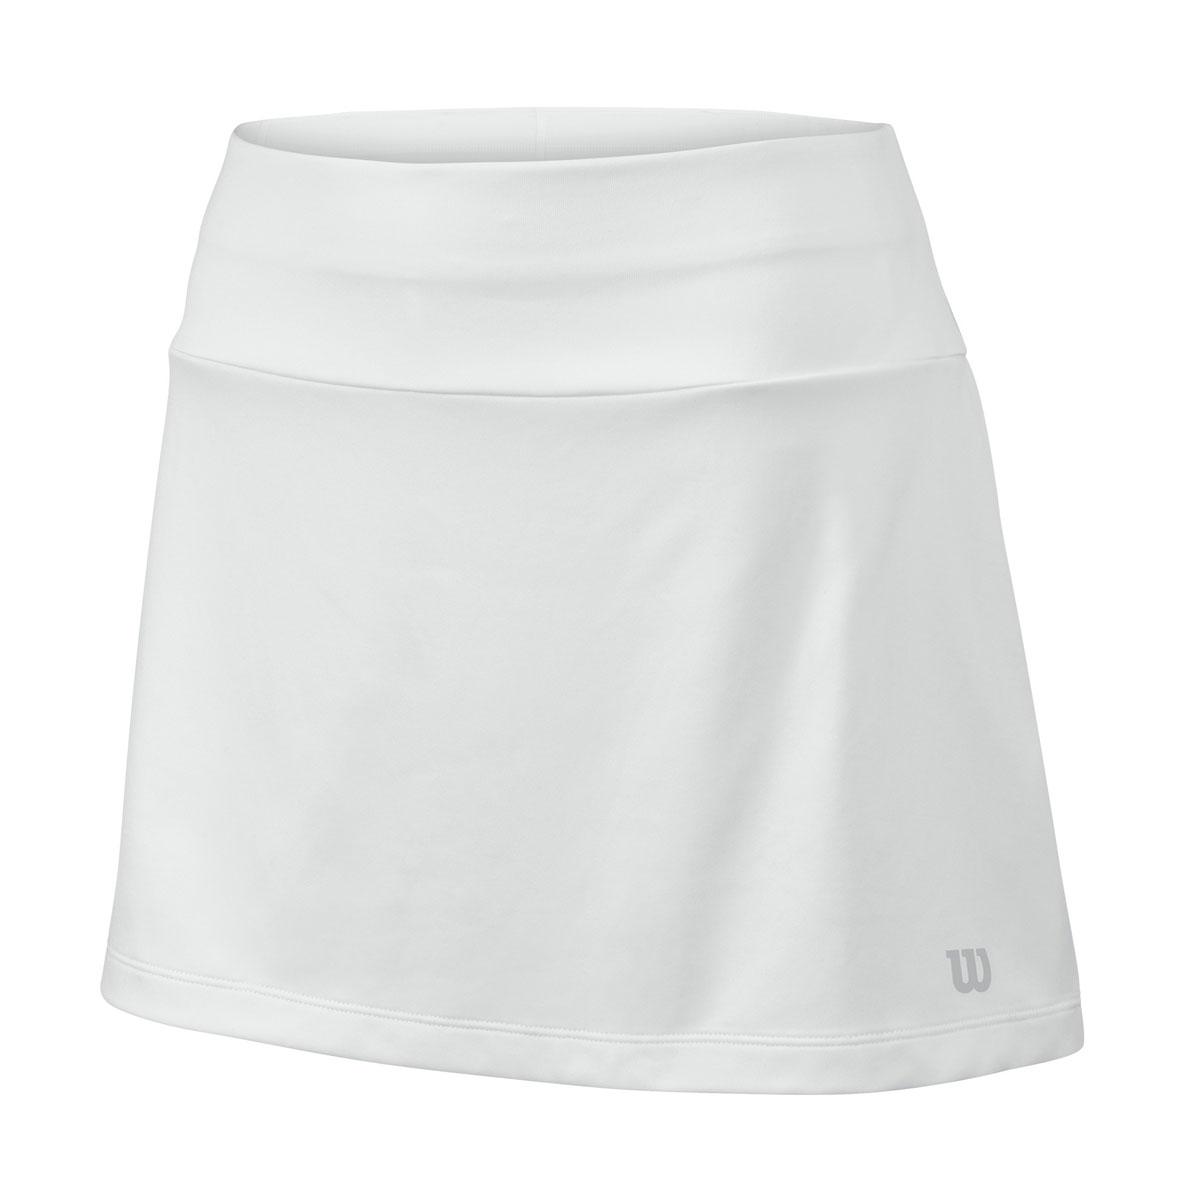 ЮбкаWRA750601Элегантная спортивная юбка Wilson из коллекции Core. Классический силует, вшитые компрессионные шортики и технология отвода влаги nanoWIK для оптимального комфорта.